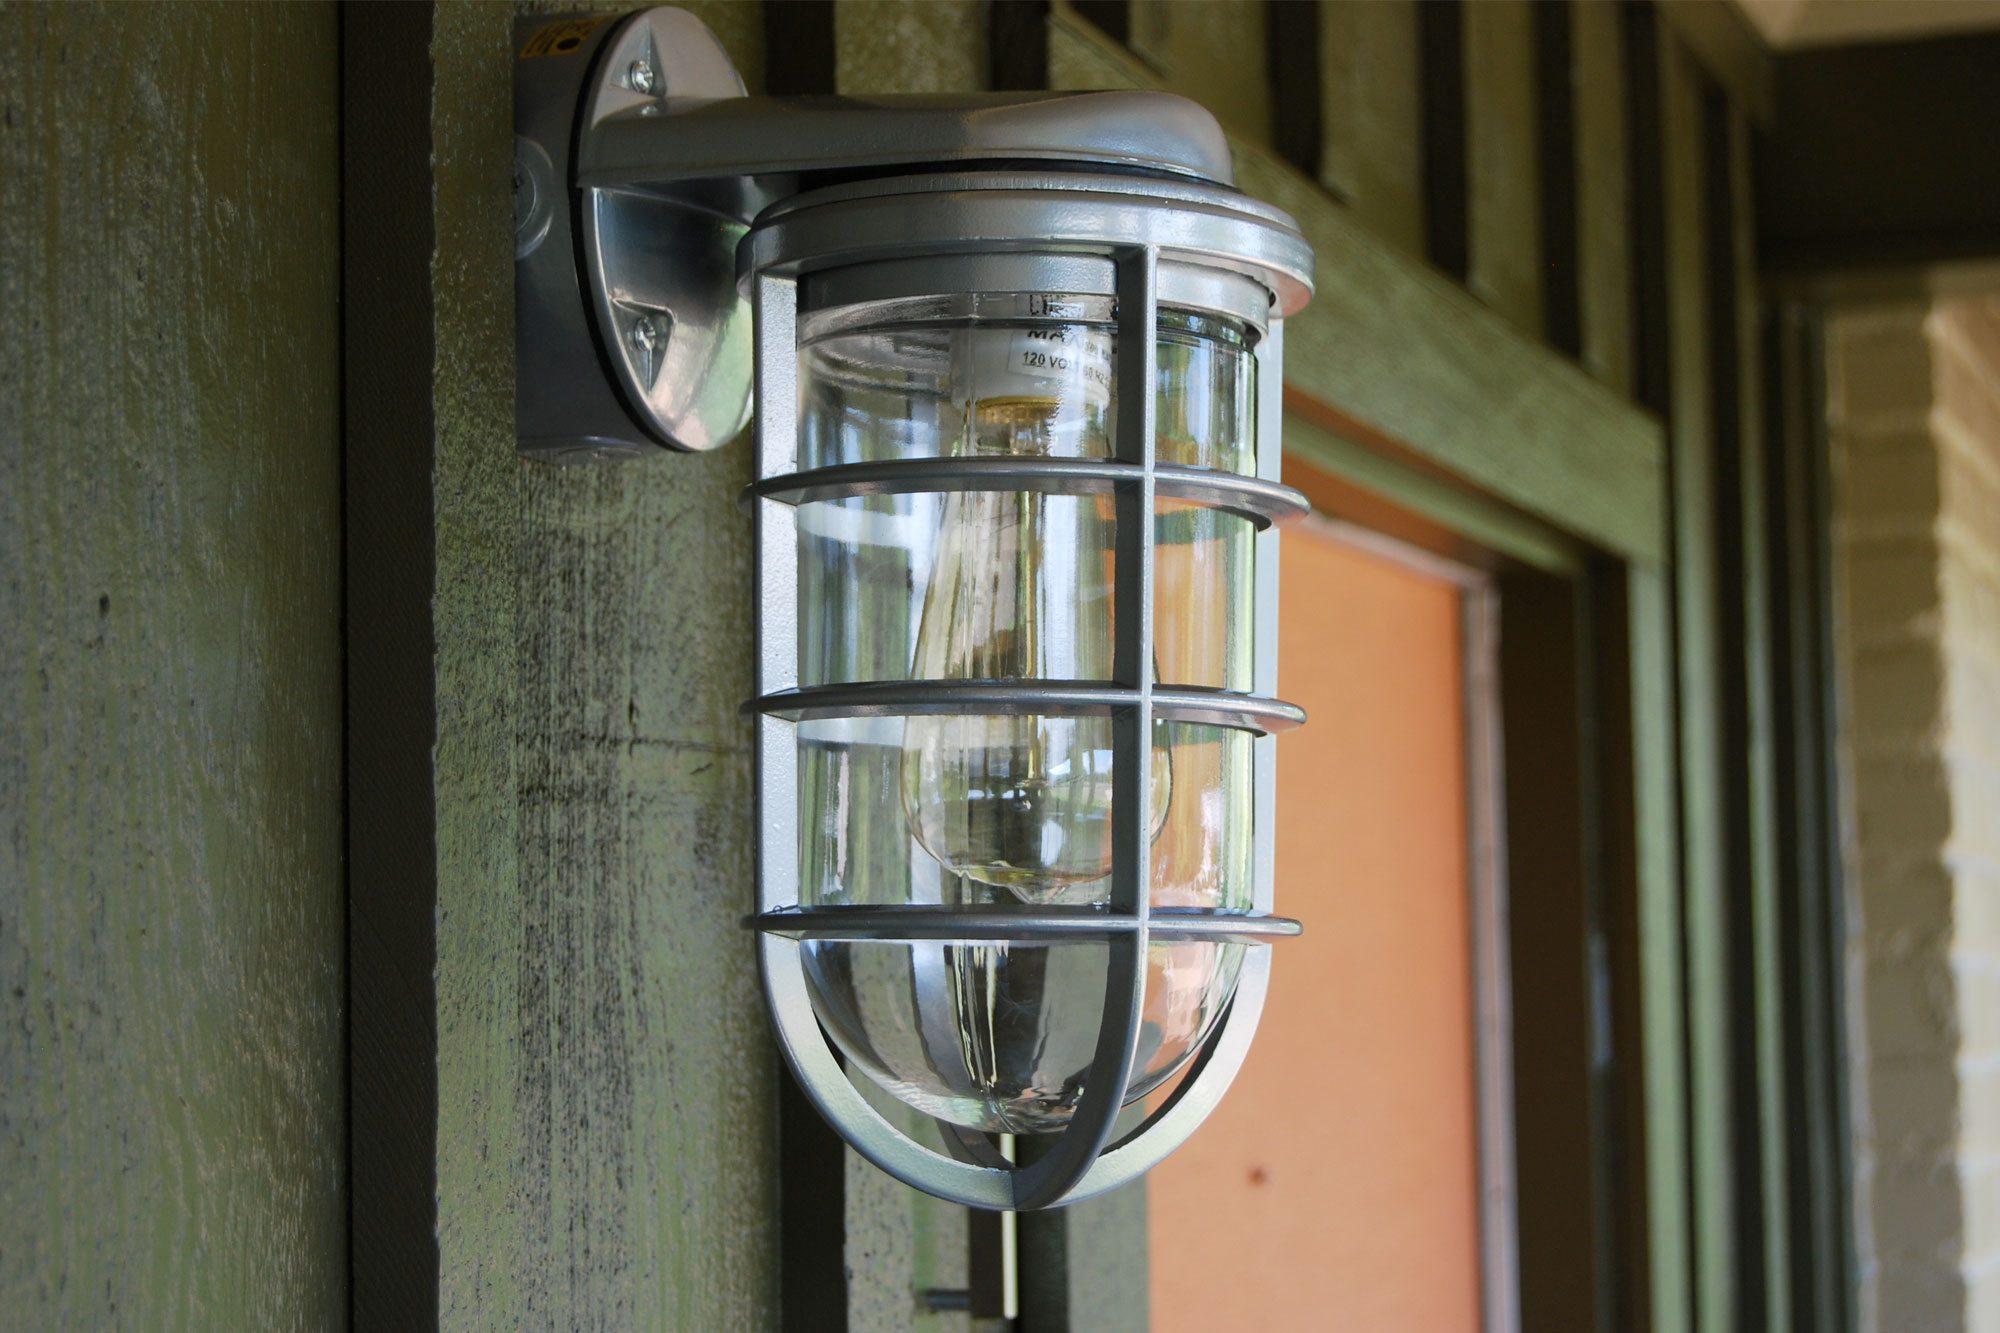 Bespoke lighting design bespoke lighting uk bespoke lighting ideas